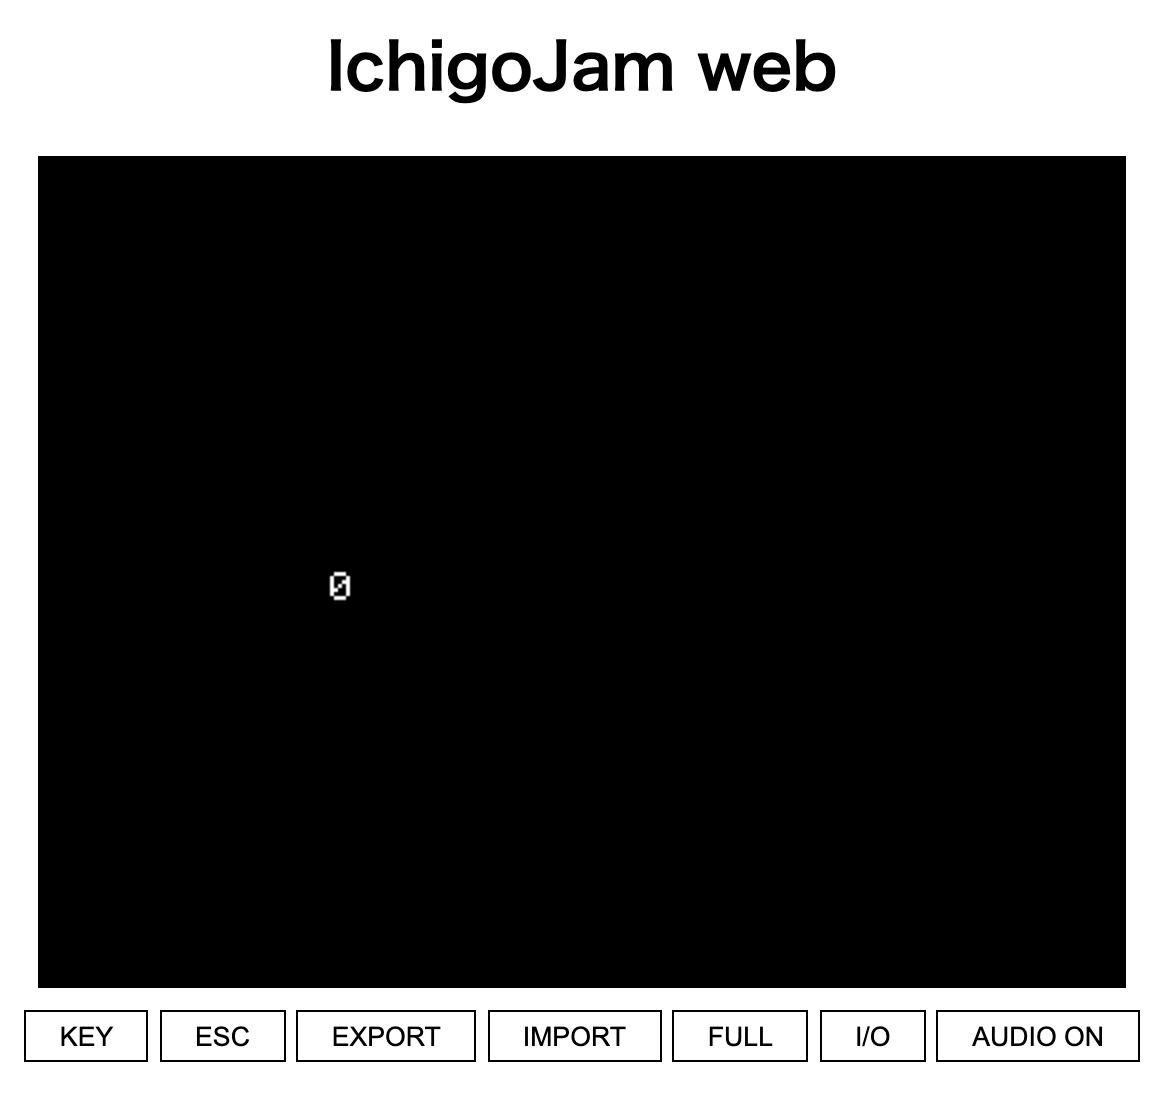 スクリーンショット 2020-05-27 15.42.04.png